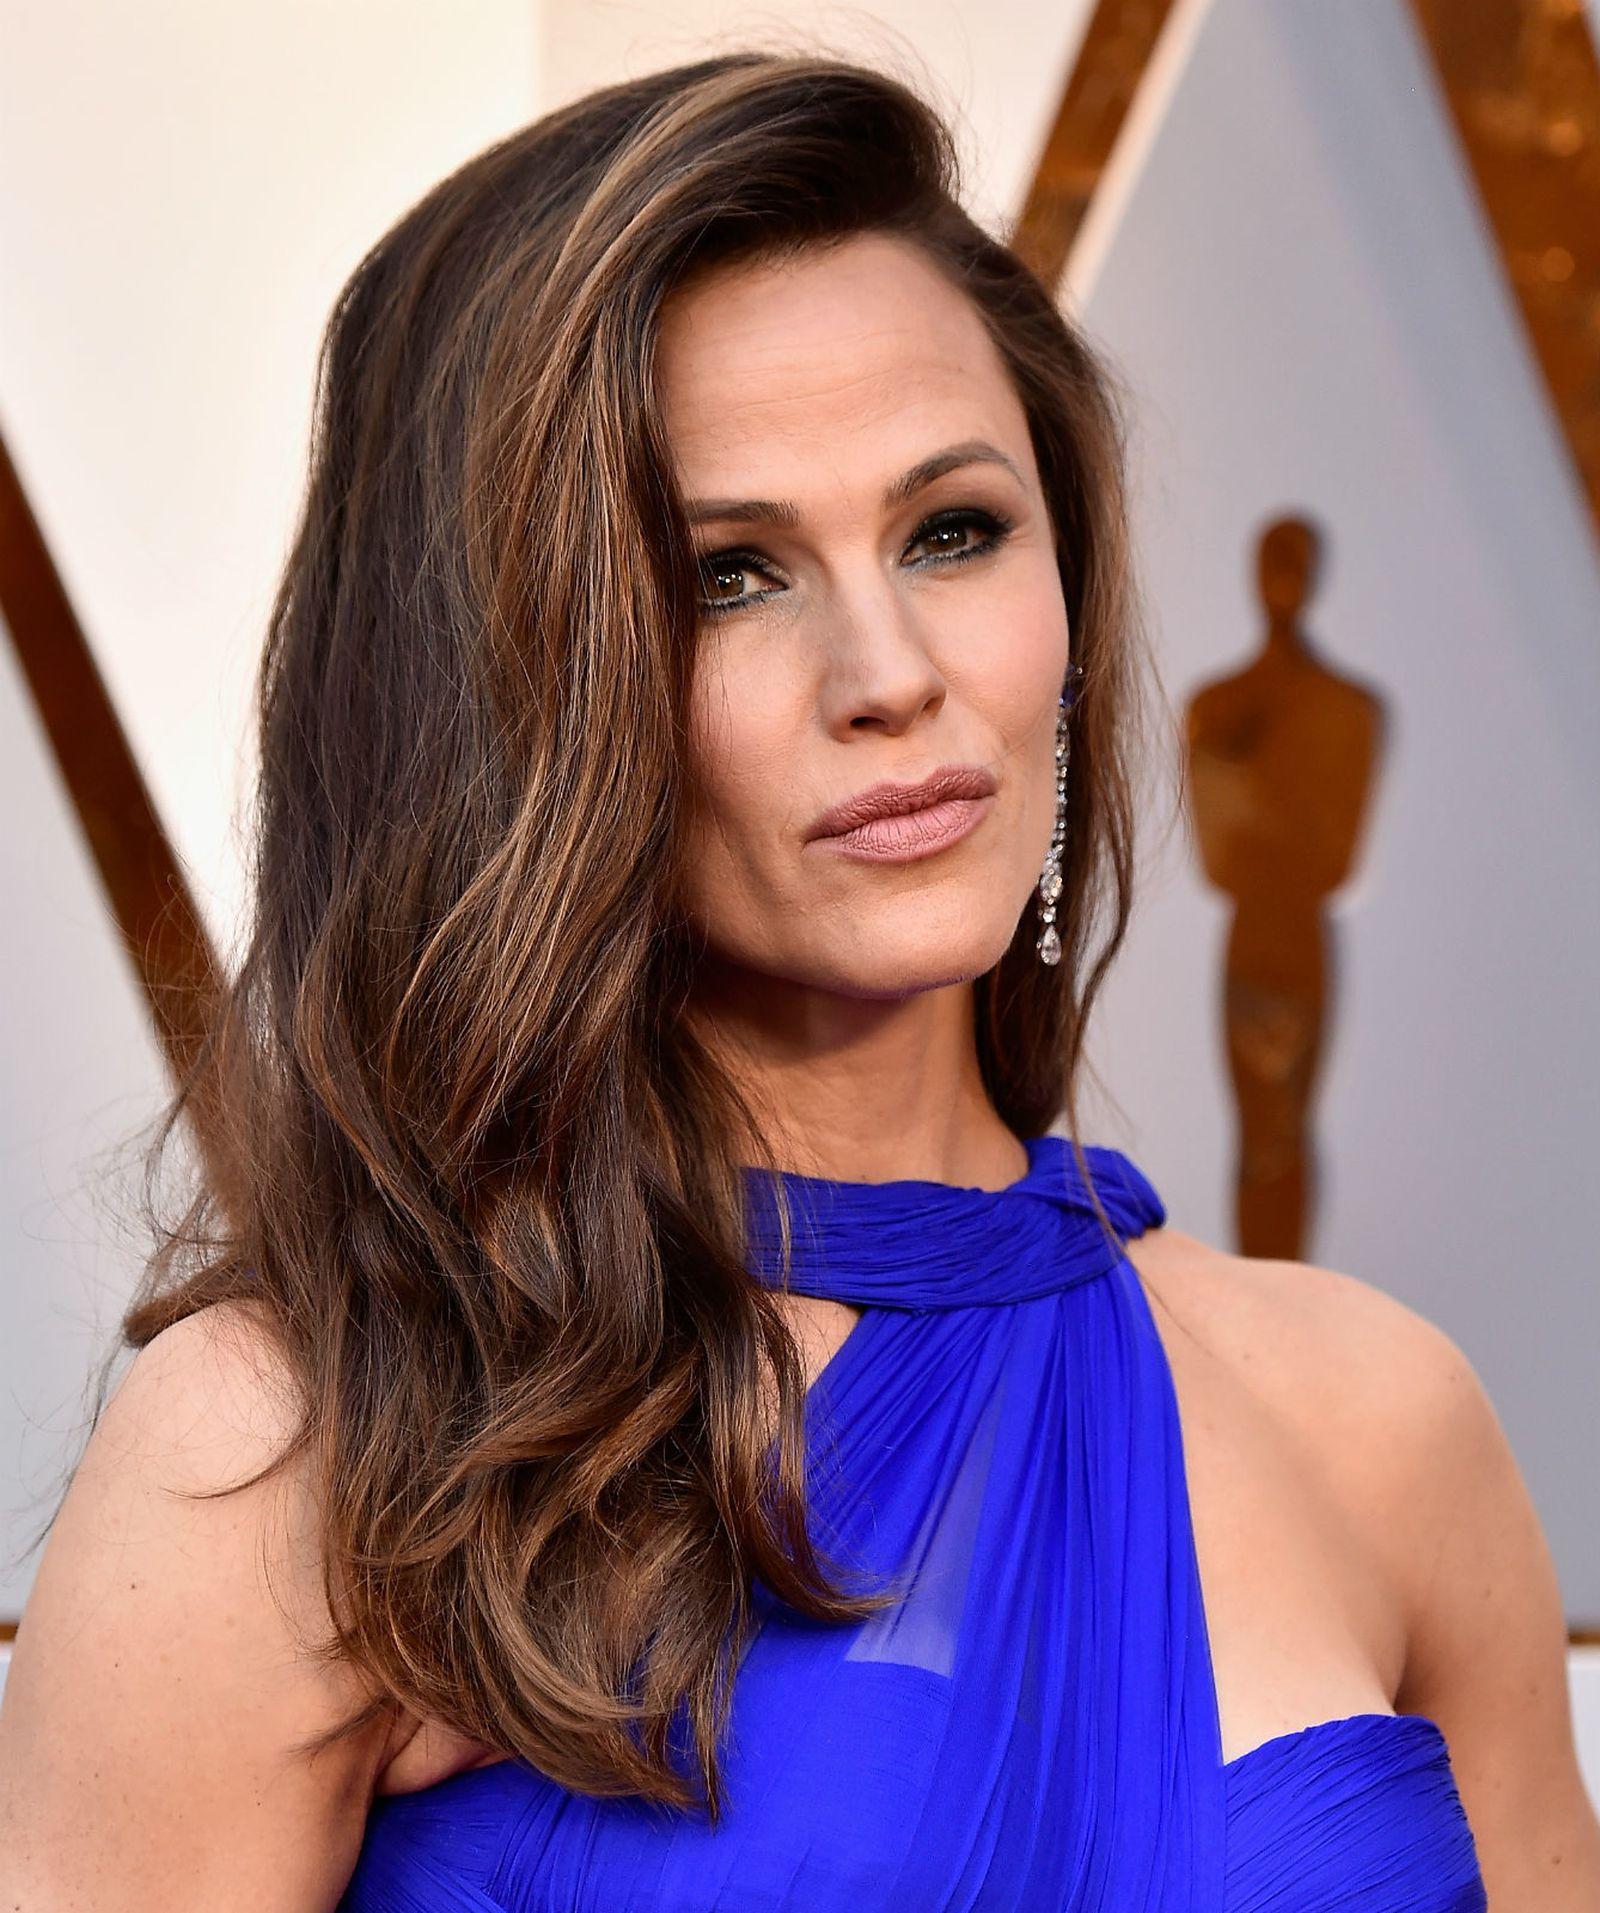 Najpopularnija Frizura Na Oscarima Koja Pristaje ženama Svih Duljina